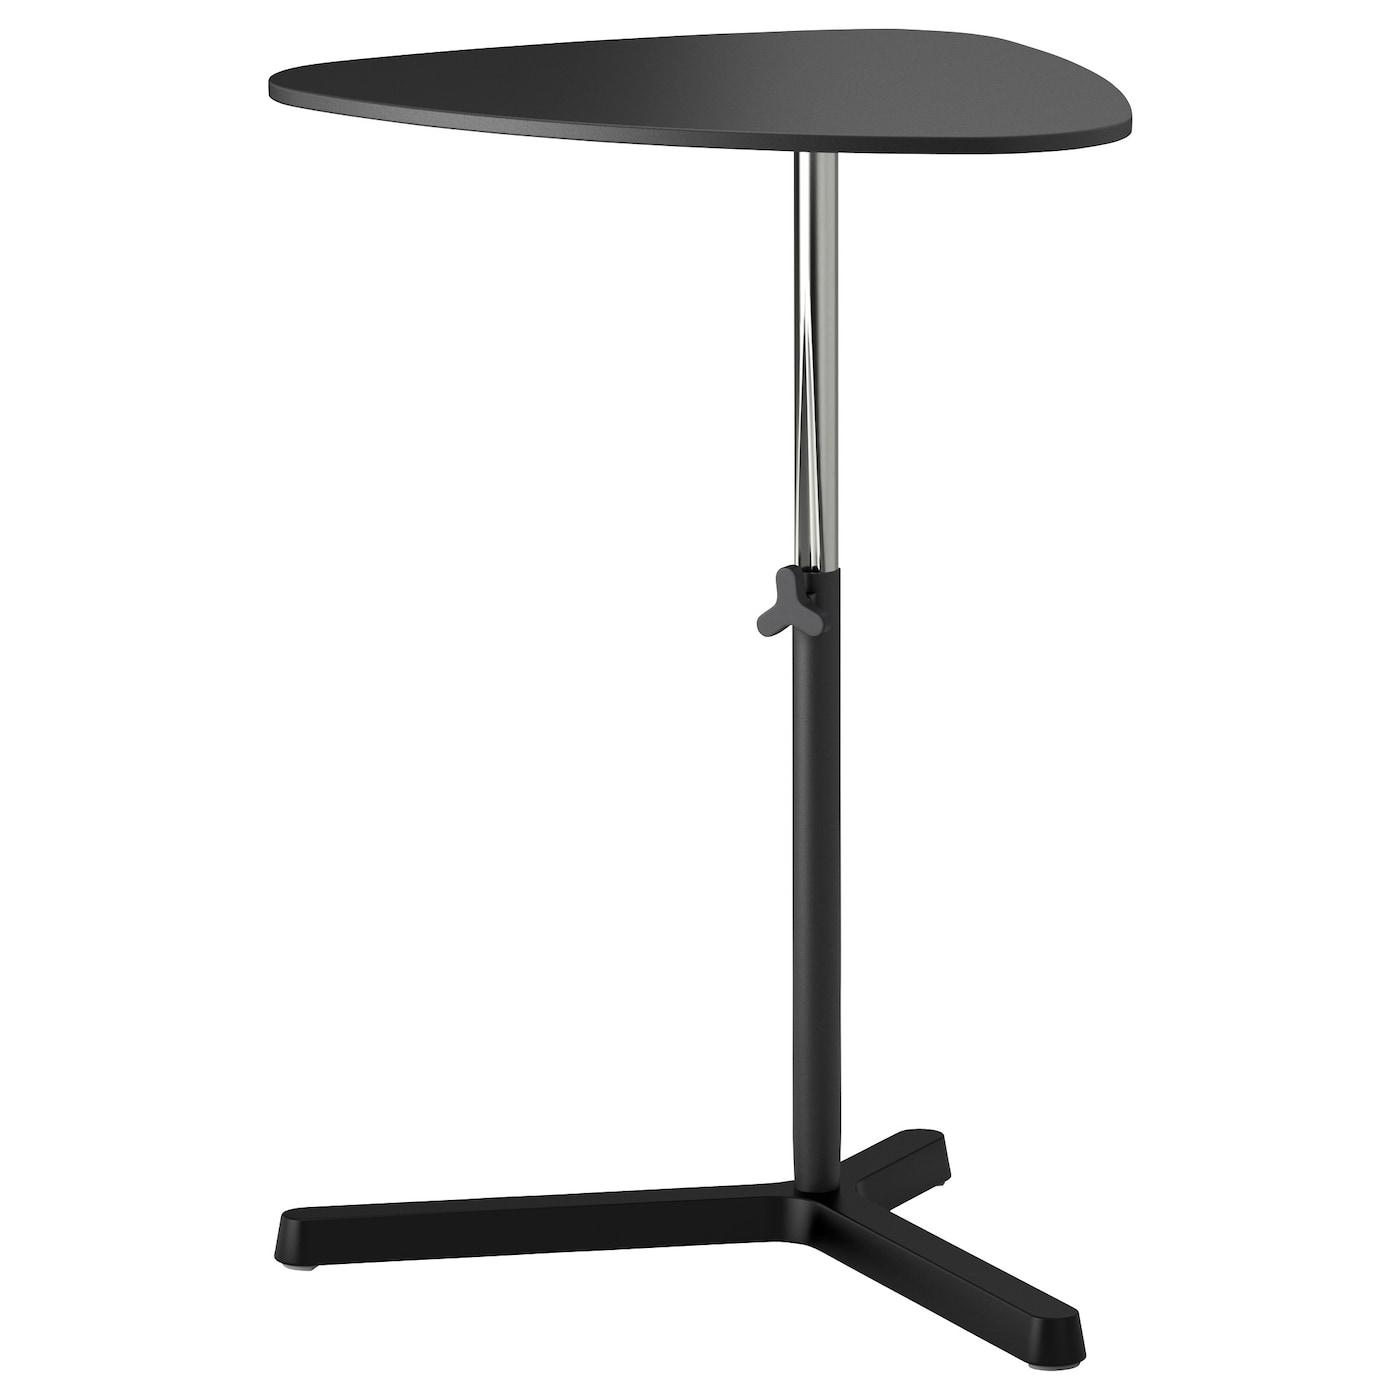 IKEA SVARTSEN laptop stand